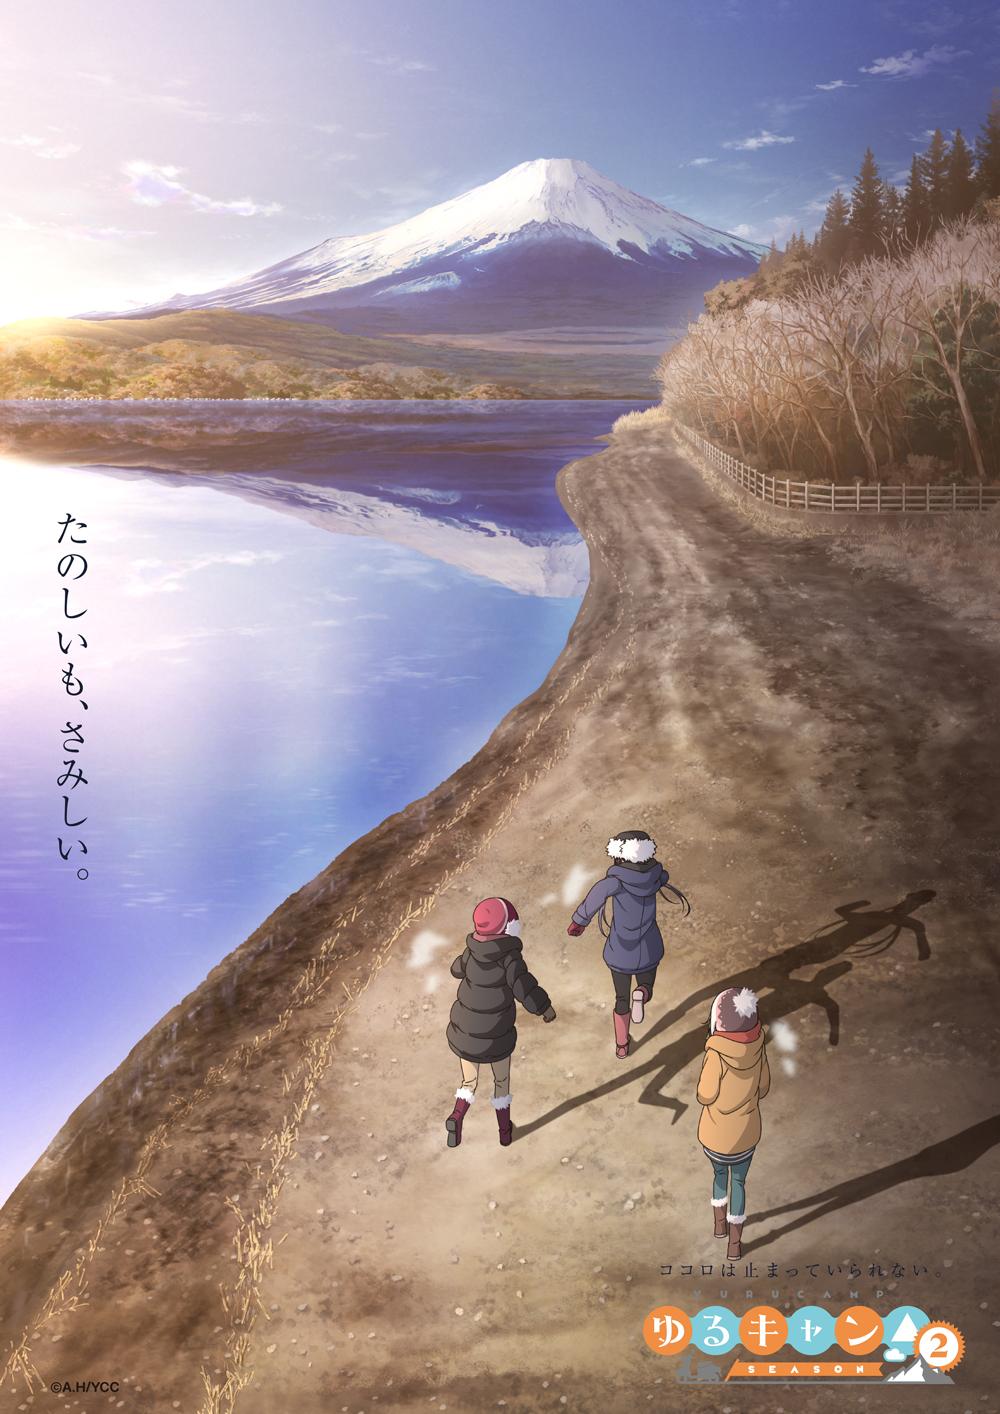 「ゆるキャン△ SEASON2」ティザービジュアル「朝」